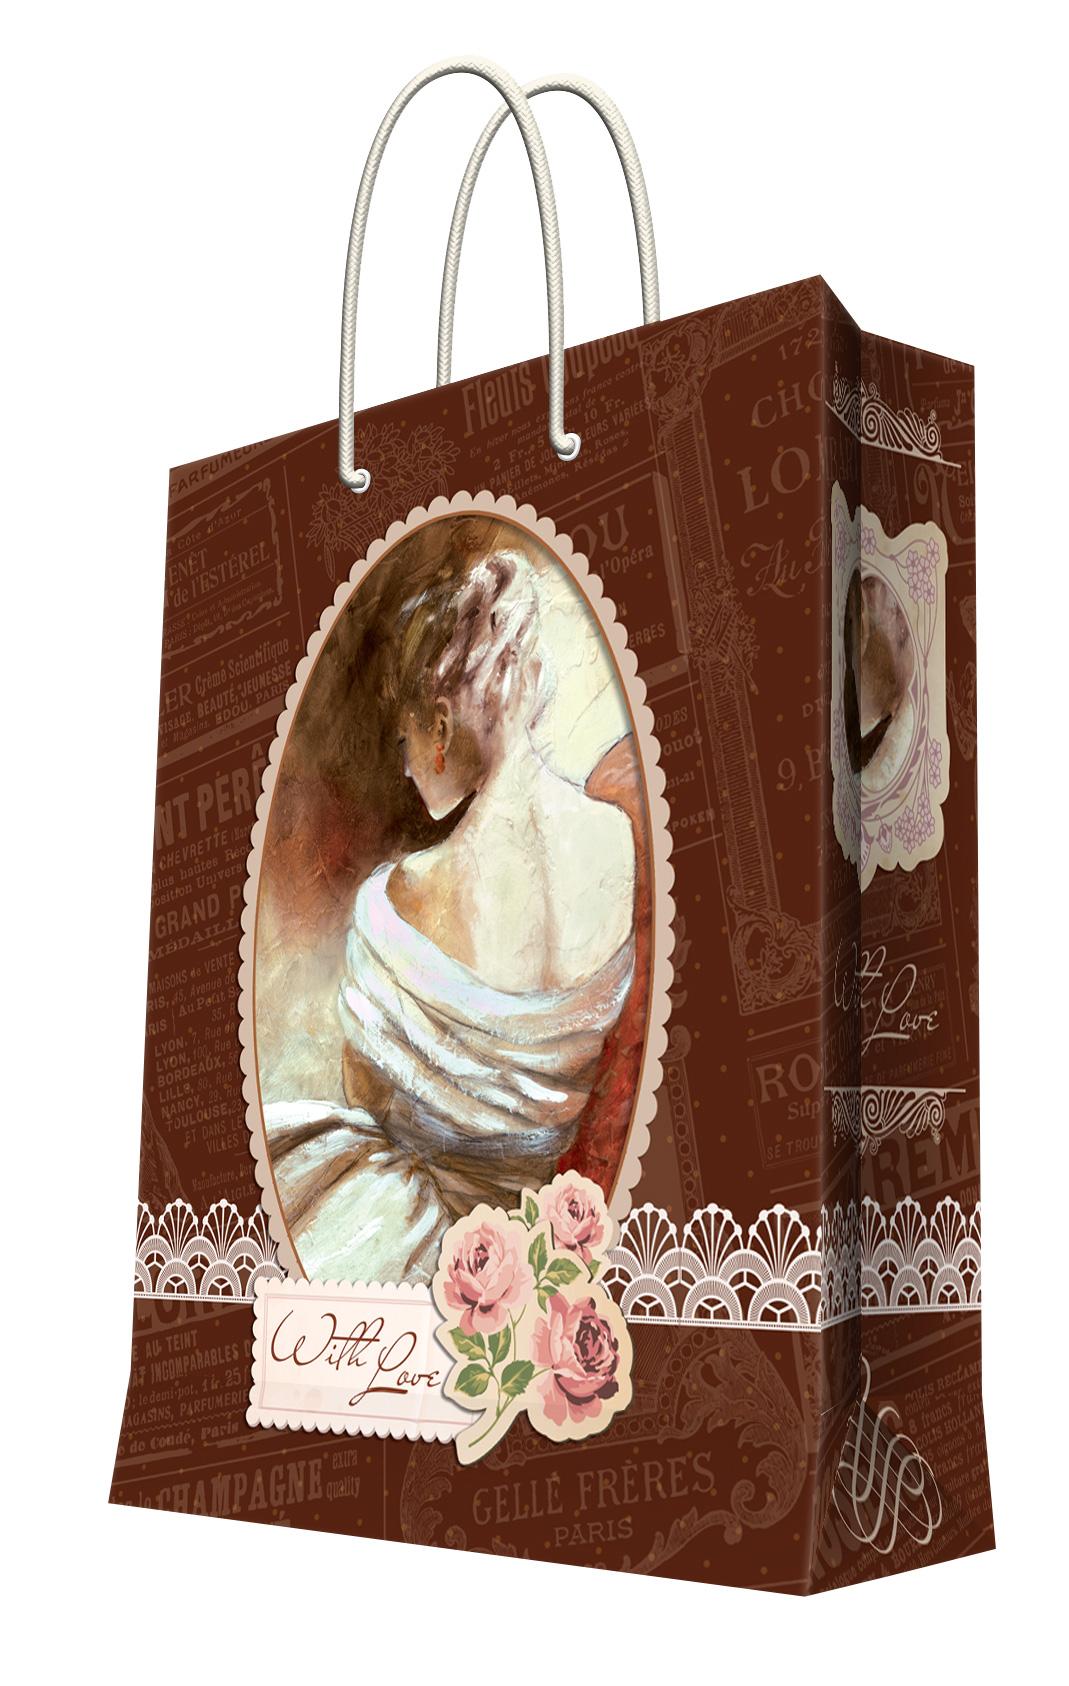 Пакет подарочный Феникс-Презент После бала, 26 х 12,7 х 32,4 см35967Подарочный пакет Феникс-Презент После бала, изготовленный из плотной бумаги, станет незаменимым дополнением к выбранному подарку. Дно изделия укреплено картоном, который позволяет сохранить форму пакета и исключает возможность деформации дна под тяжестью подарка. Пакет выполнен с глянцевой ламинацией, что придает ему прочность, а изображению - яркость и насыщенность цветов. Для удобной переноски на пакете имеются две ручки из шнурков.Подарок, преподнесенный в оригинальной упаковке, всегда будет самым эффектным и запоминающимся. Окружите близких людей вниманием и заботой, вручив презент в нарядном, праздничном оформлении.Плотность бумаги: 128 г/м2.